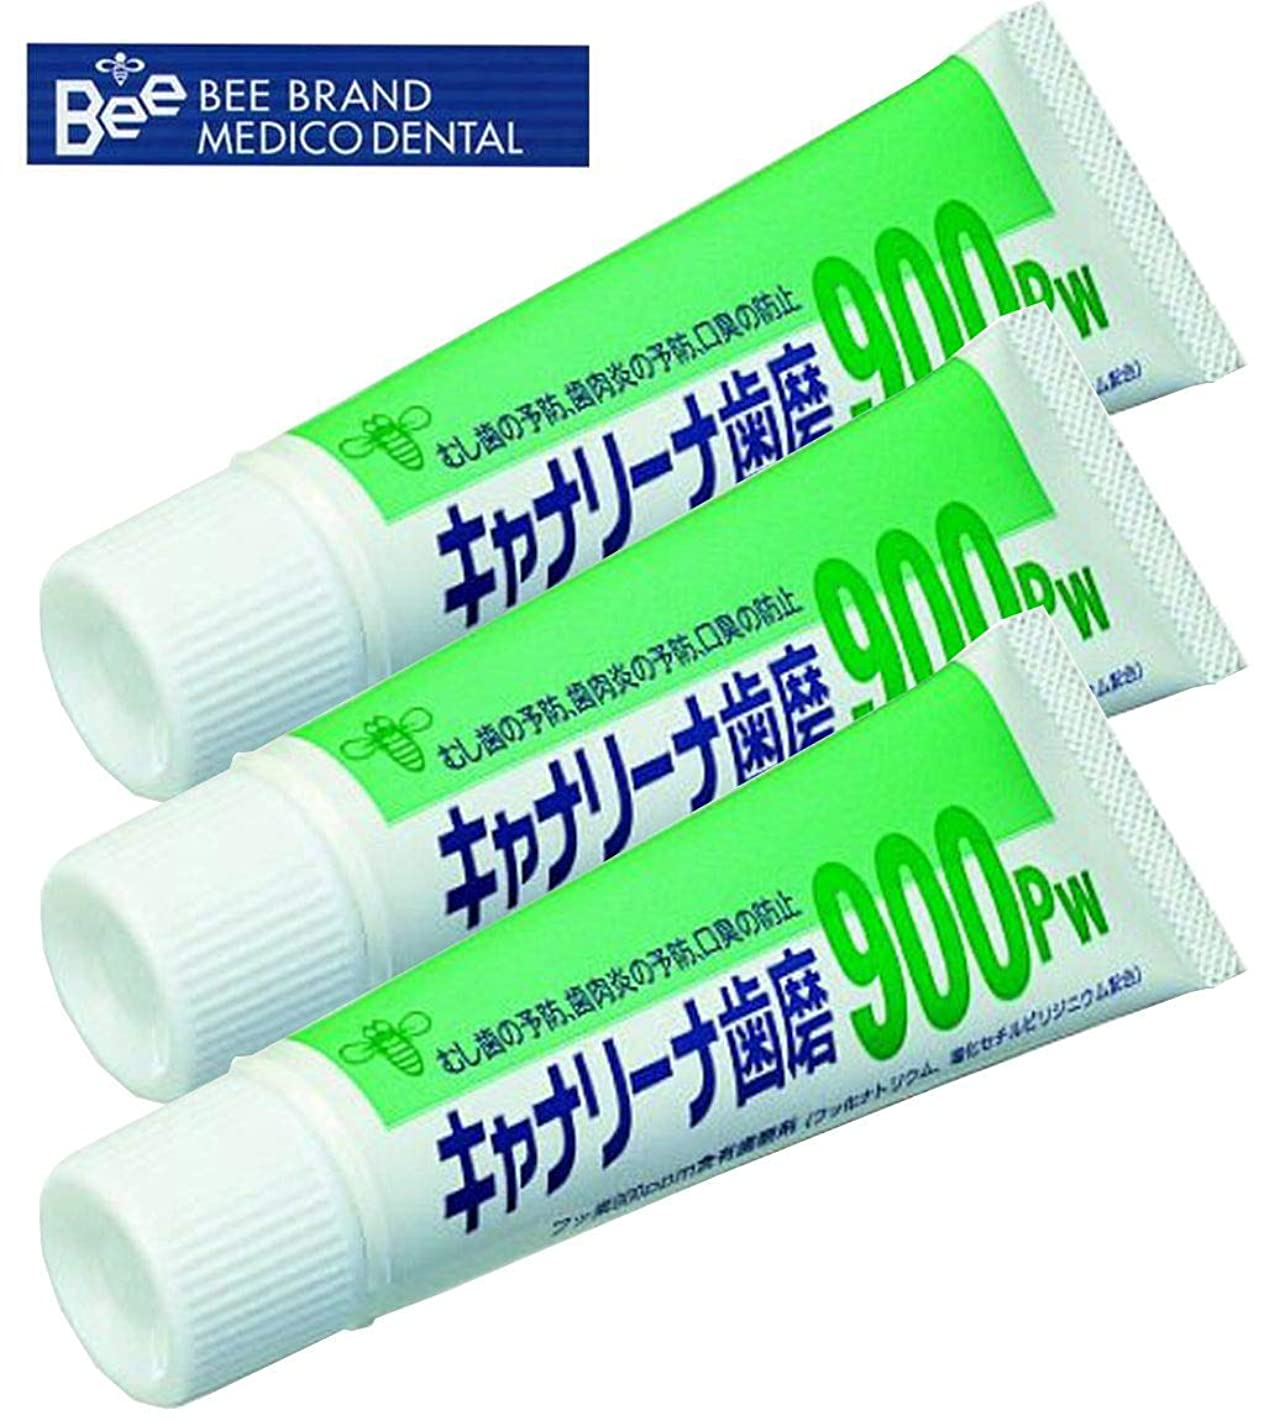 新しさ奇跡トラブルビーブランド(BeeBrand) キャナリーナ 歯磨 900Pw × 3本セット 医薬部外品